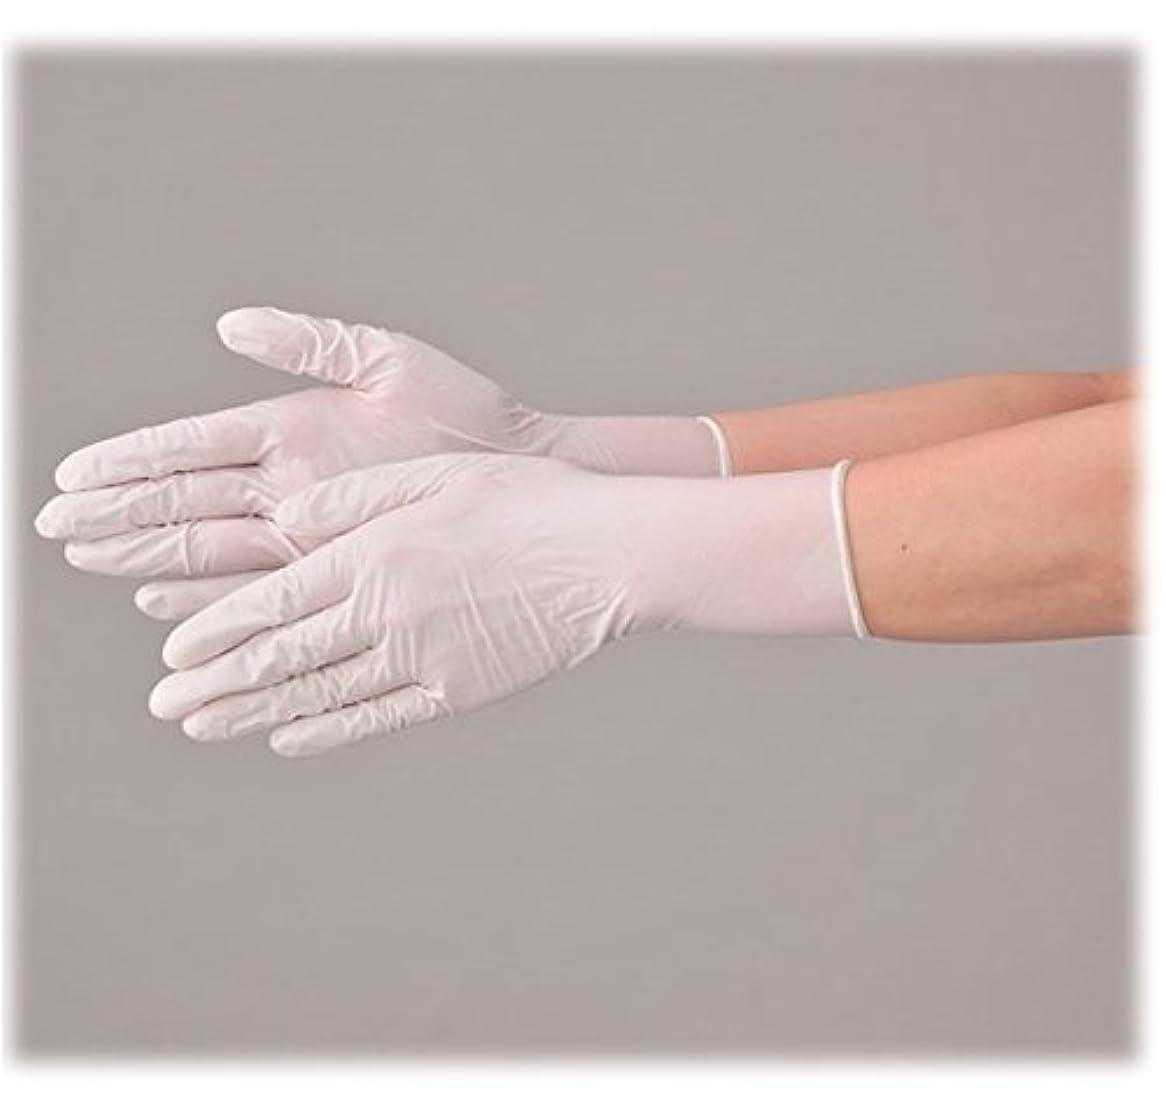 使い捨て 手袋 エブノ 574 ニトリルNEOプラス ホワイト Sサイズ パウダーフリー 2ケース(100枚×40箱)